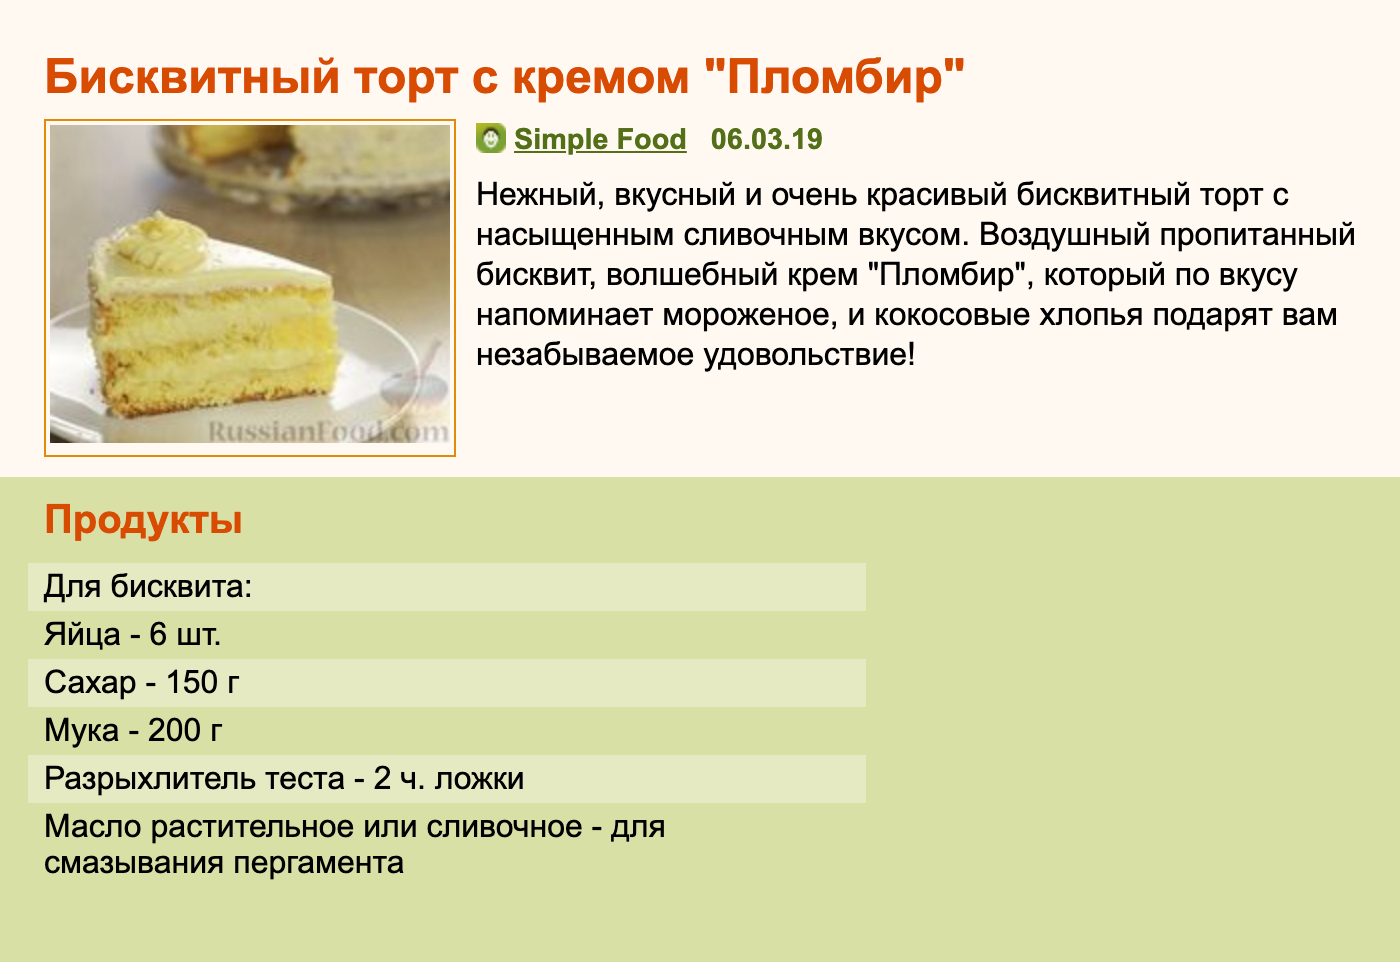 В этом рецепте среди ингредиентов нет жидкости и жира. Масло указано только длясмазывания пергамента. Ябы не стала готовить по такому рецепту: есть риск, что бисквит окажется сухим